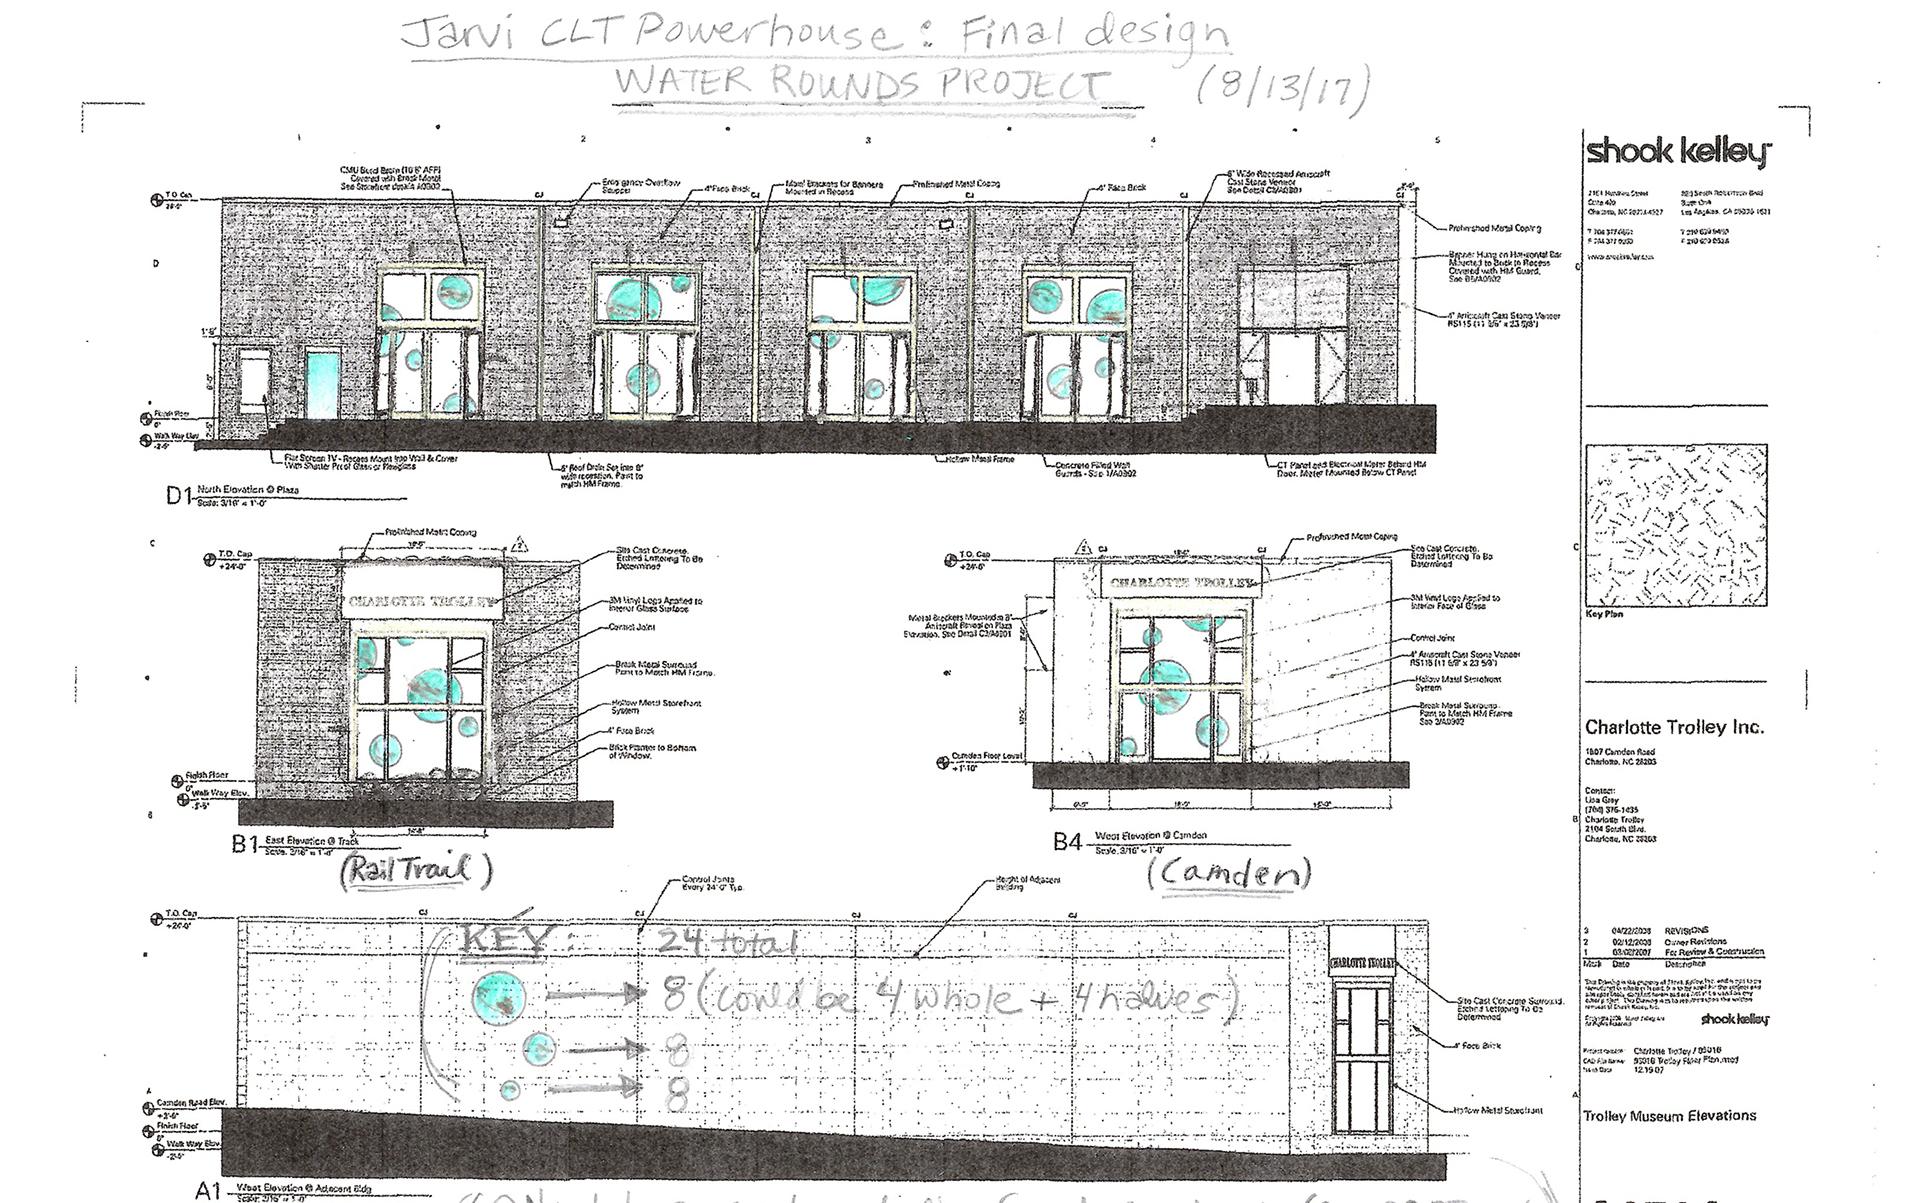 Artist's Final Design - CLT Powerhouse.